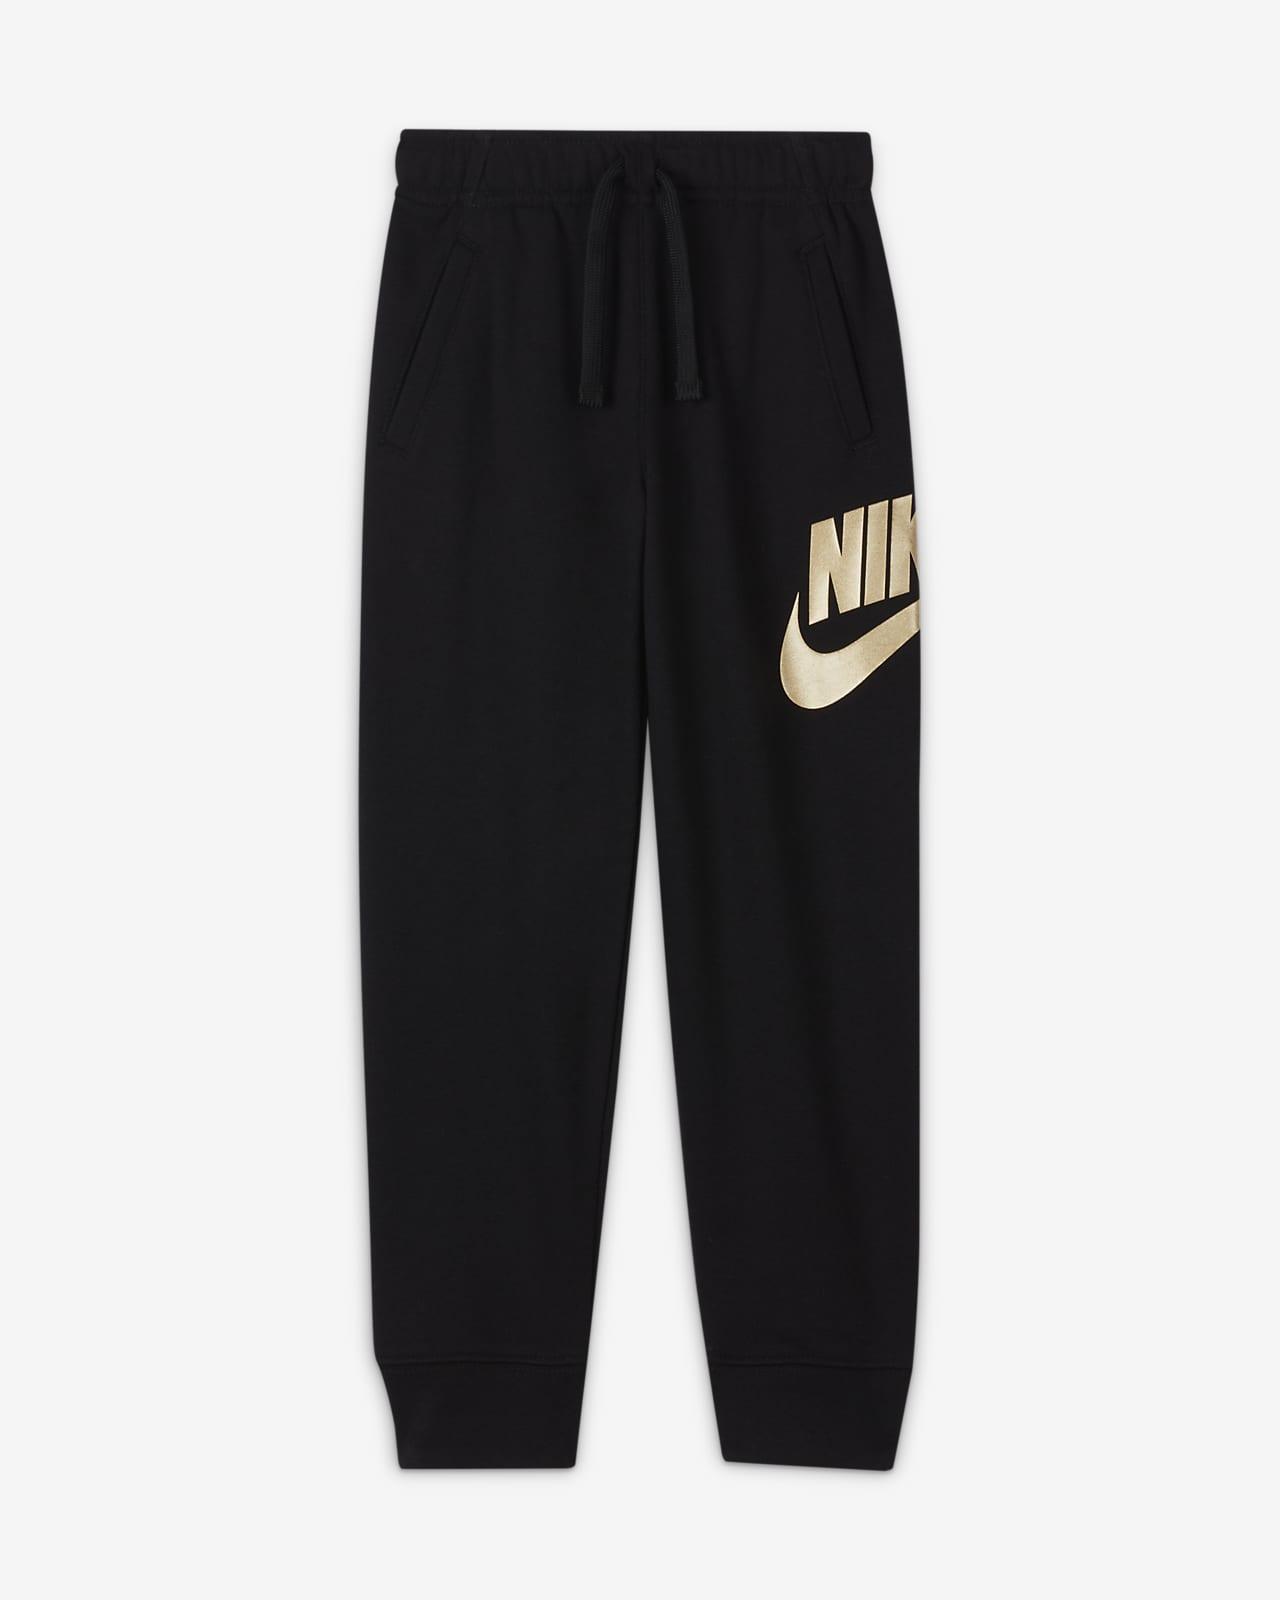 Nike Sportswear Club Fleece Younger Kids' Trousers